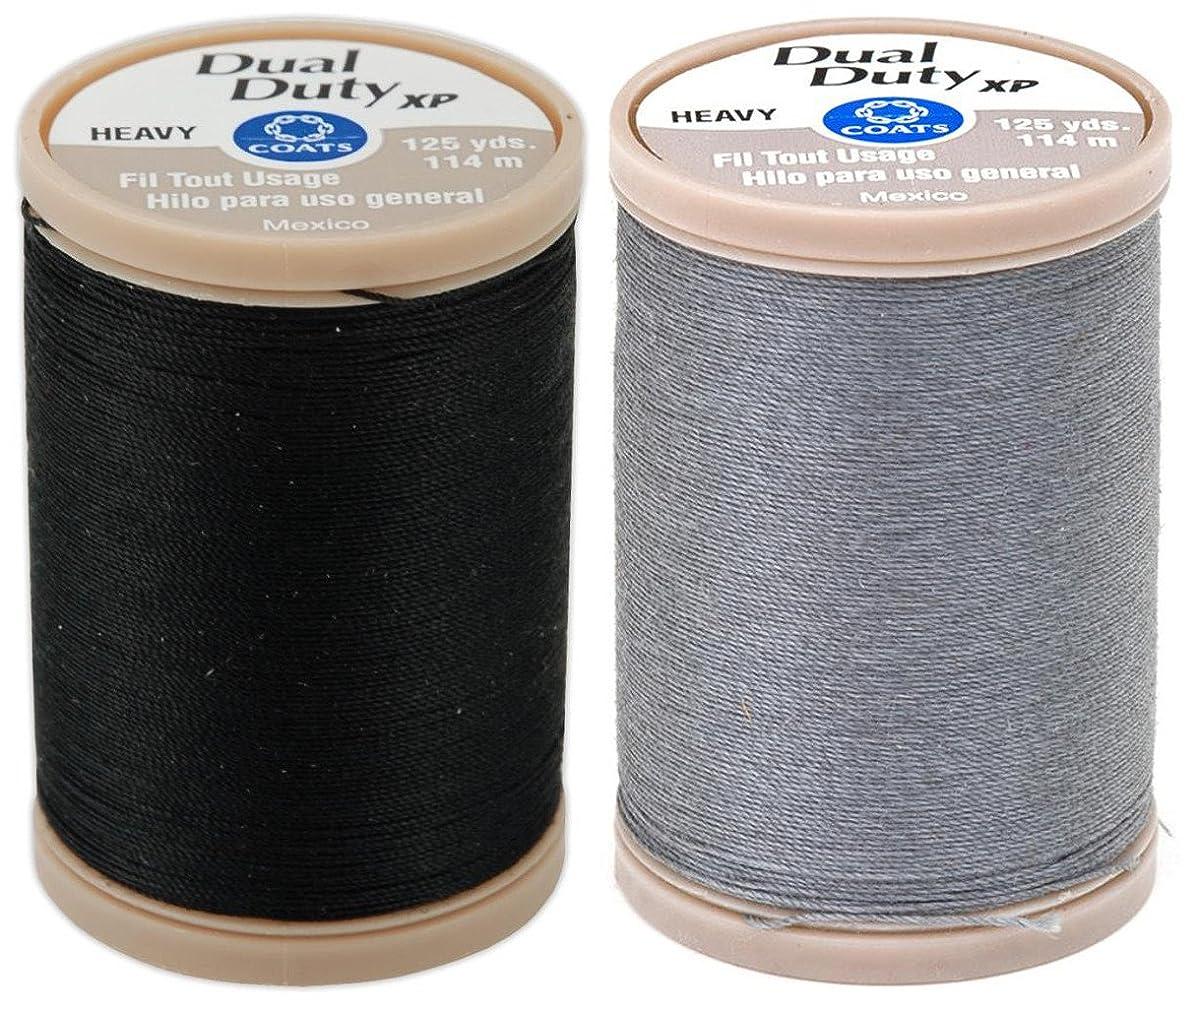 2-PACK - Coats & Clark - Dual Duty XP Heavy Weight Thread (Black + Slate) 125yds Each